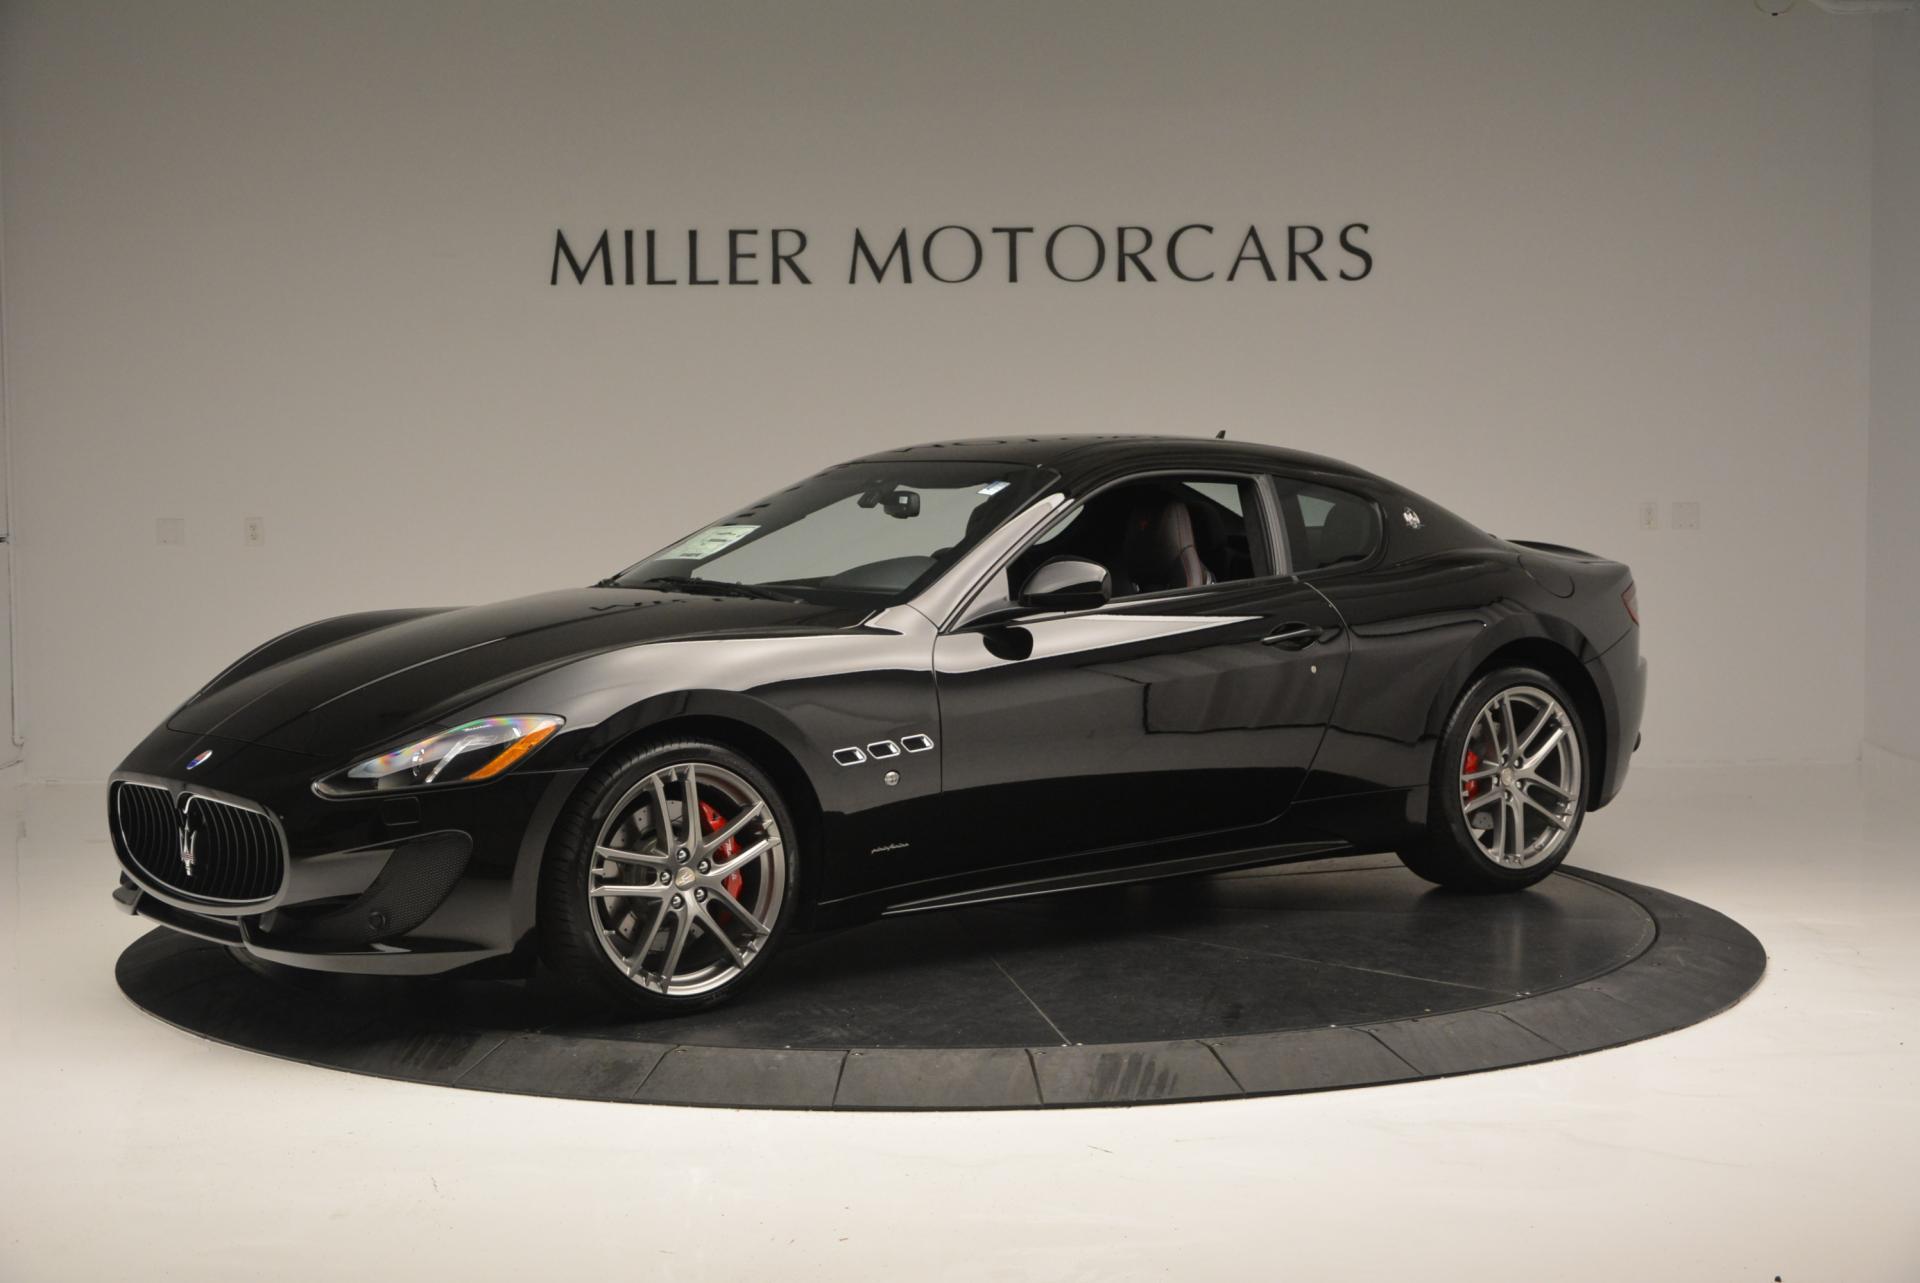 New 2016 Maserati GranTurismo Sport For Sale In Greenwich, CT 169_main